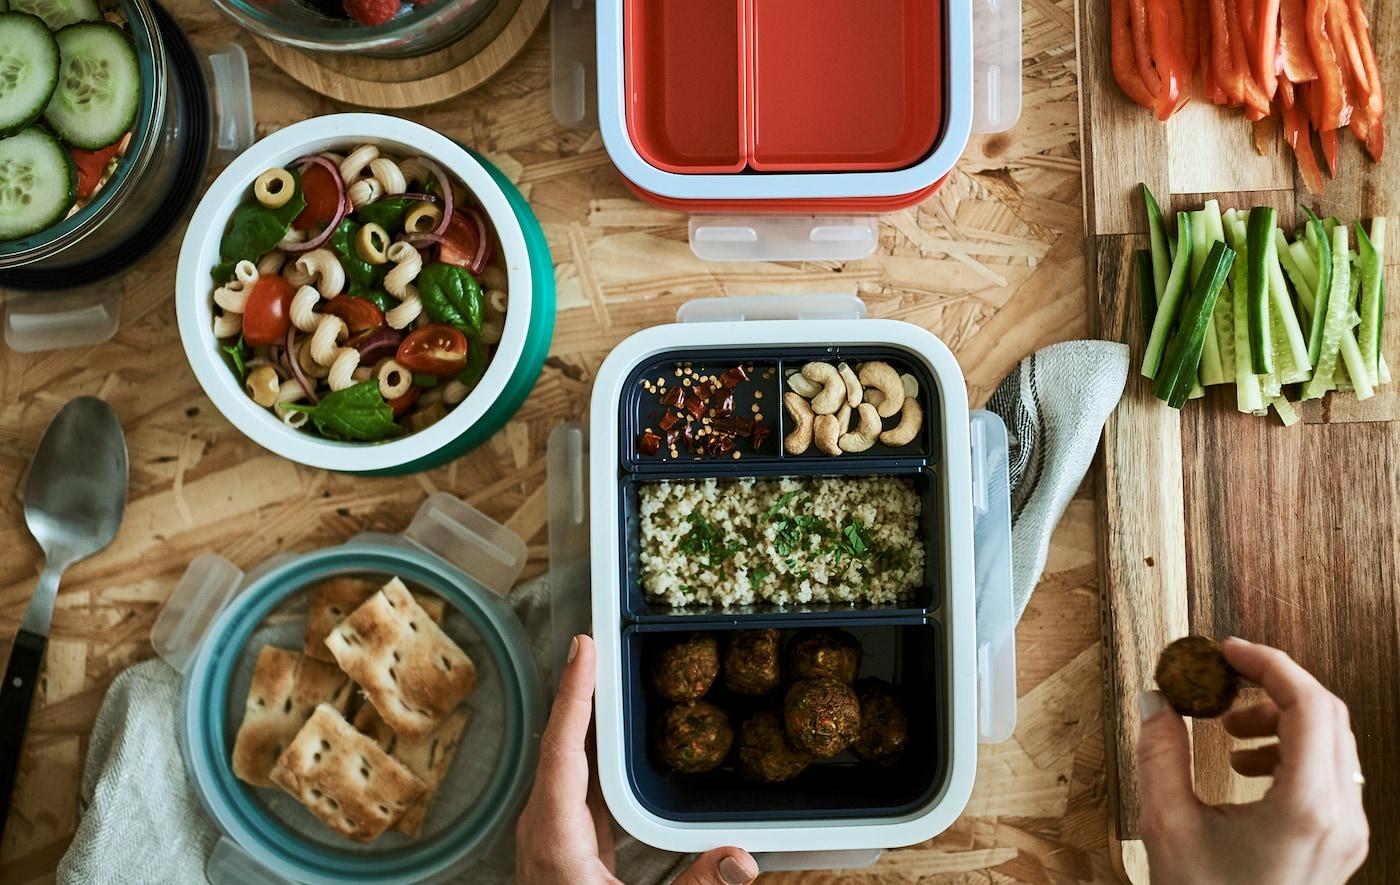 Mâncare împachetată în cutii pentru prânz.  Una are compartimente cu diferite alimente, iar într-un castron rotund din plastic este salată de paste.